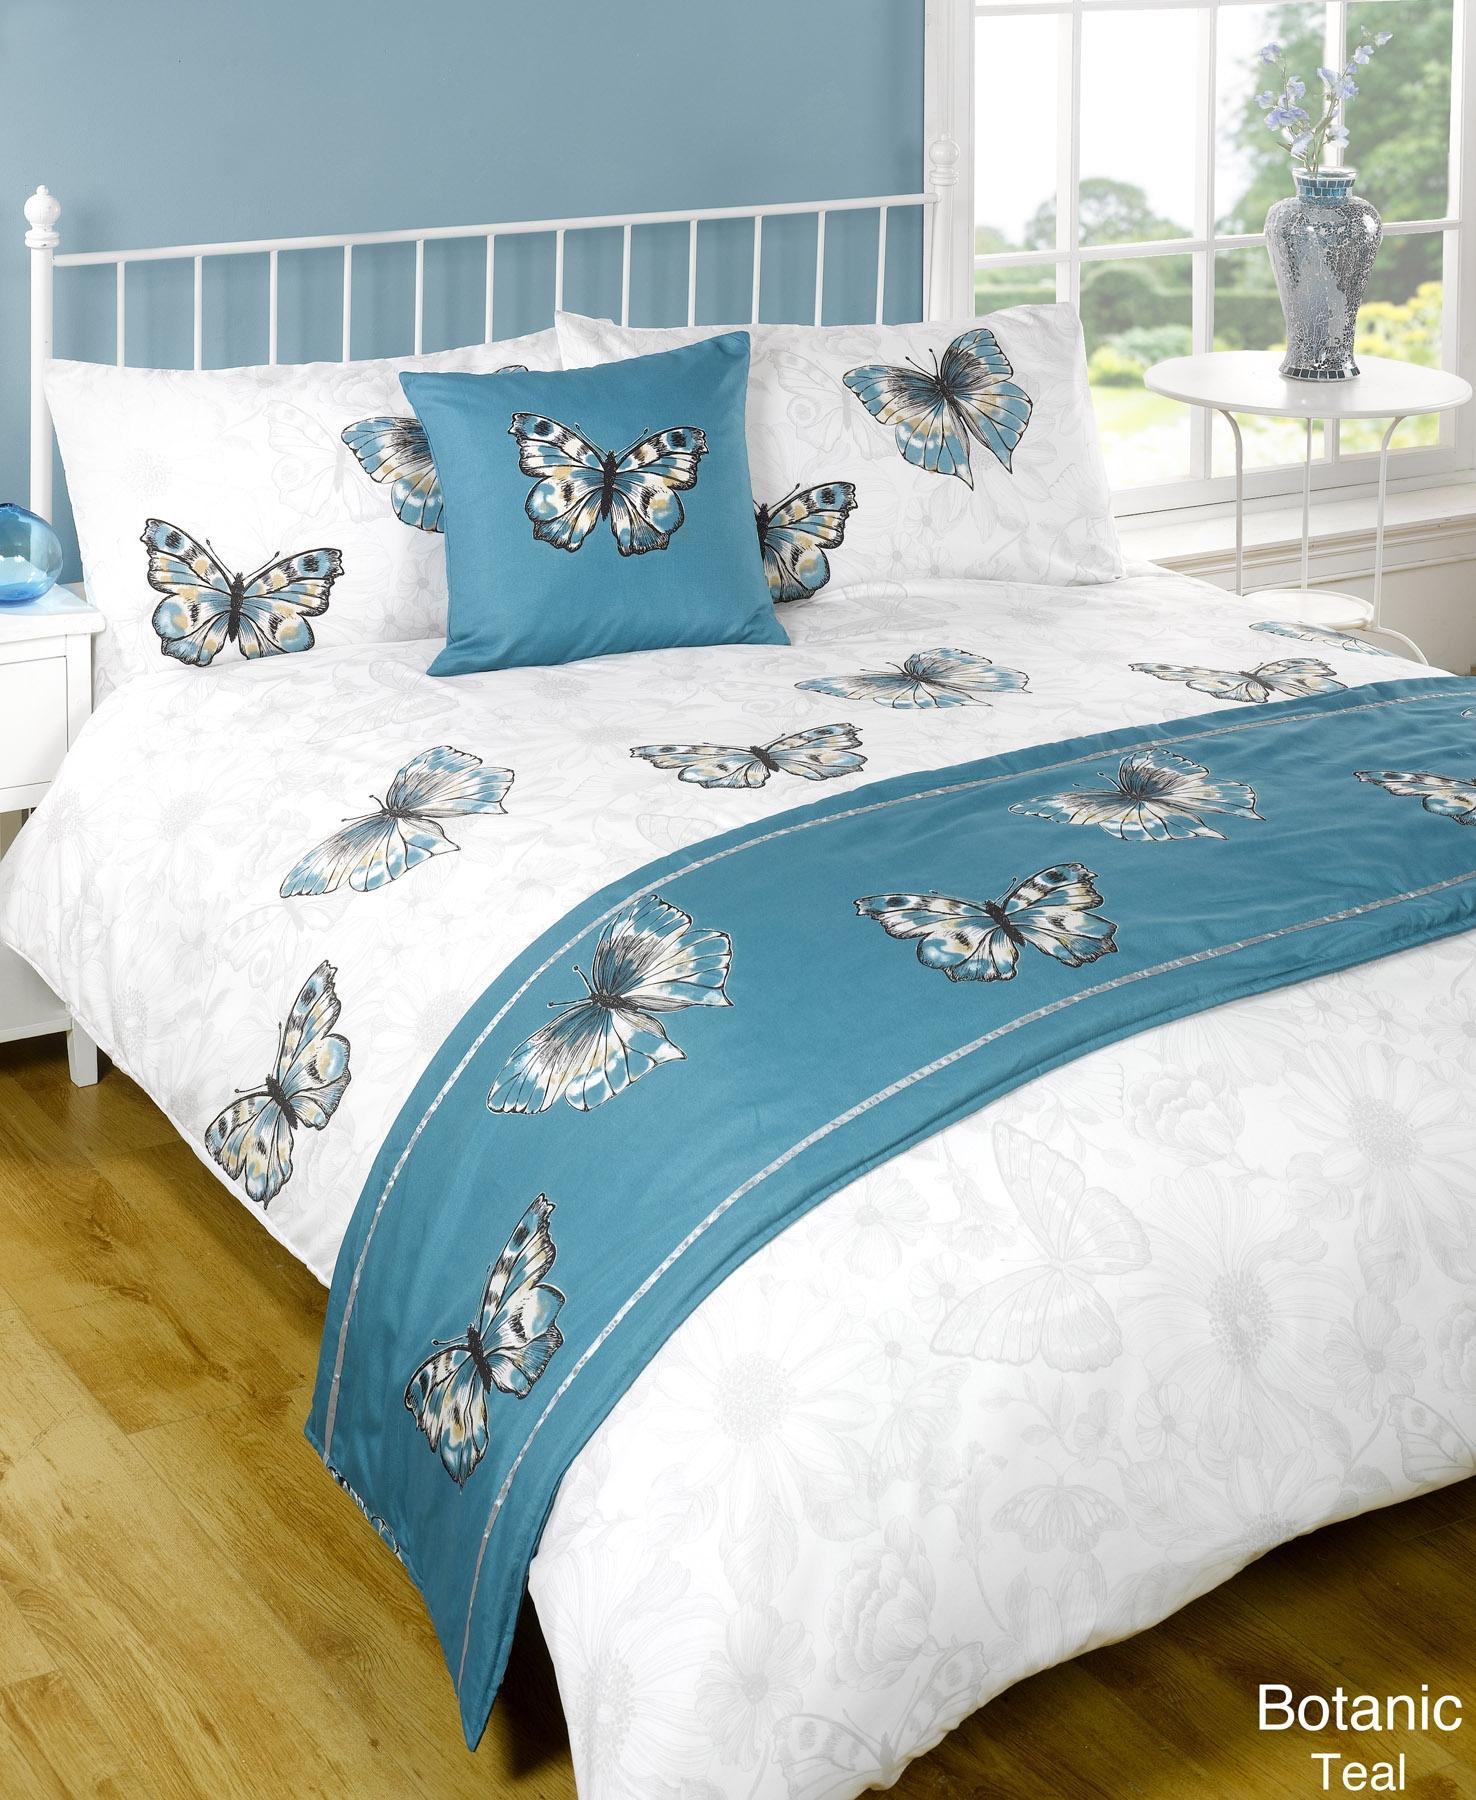 duvet quilt bedding bed in a bag teal single double king. Black Bedroom Furniture Sets. Home Design Ideas